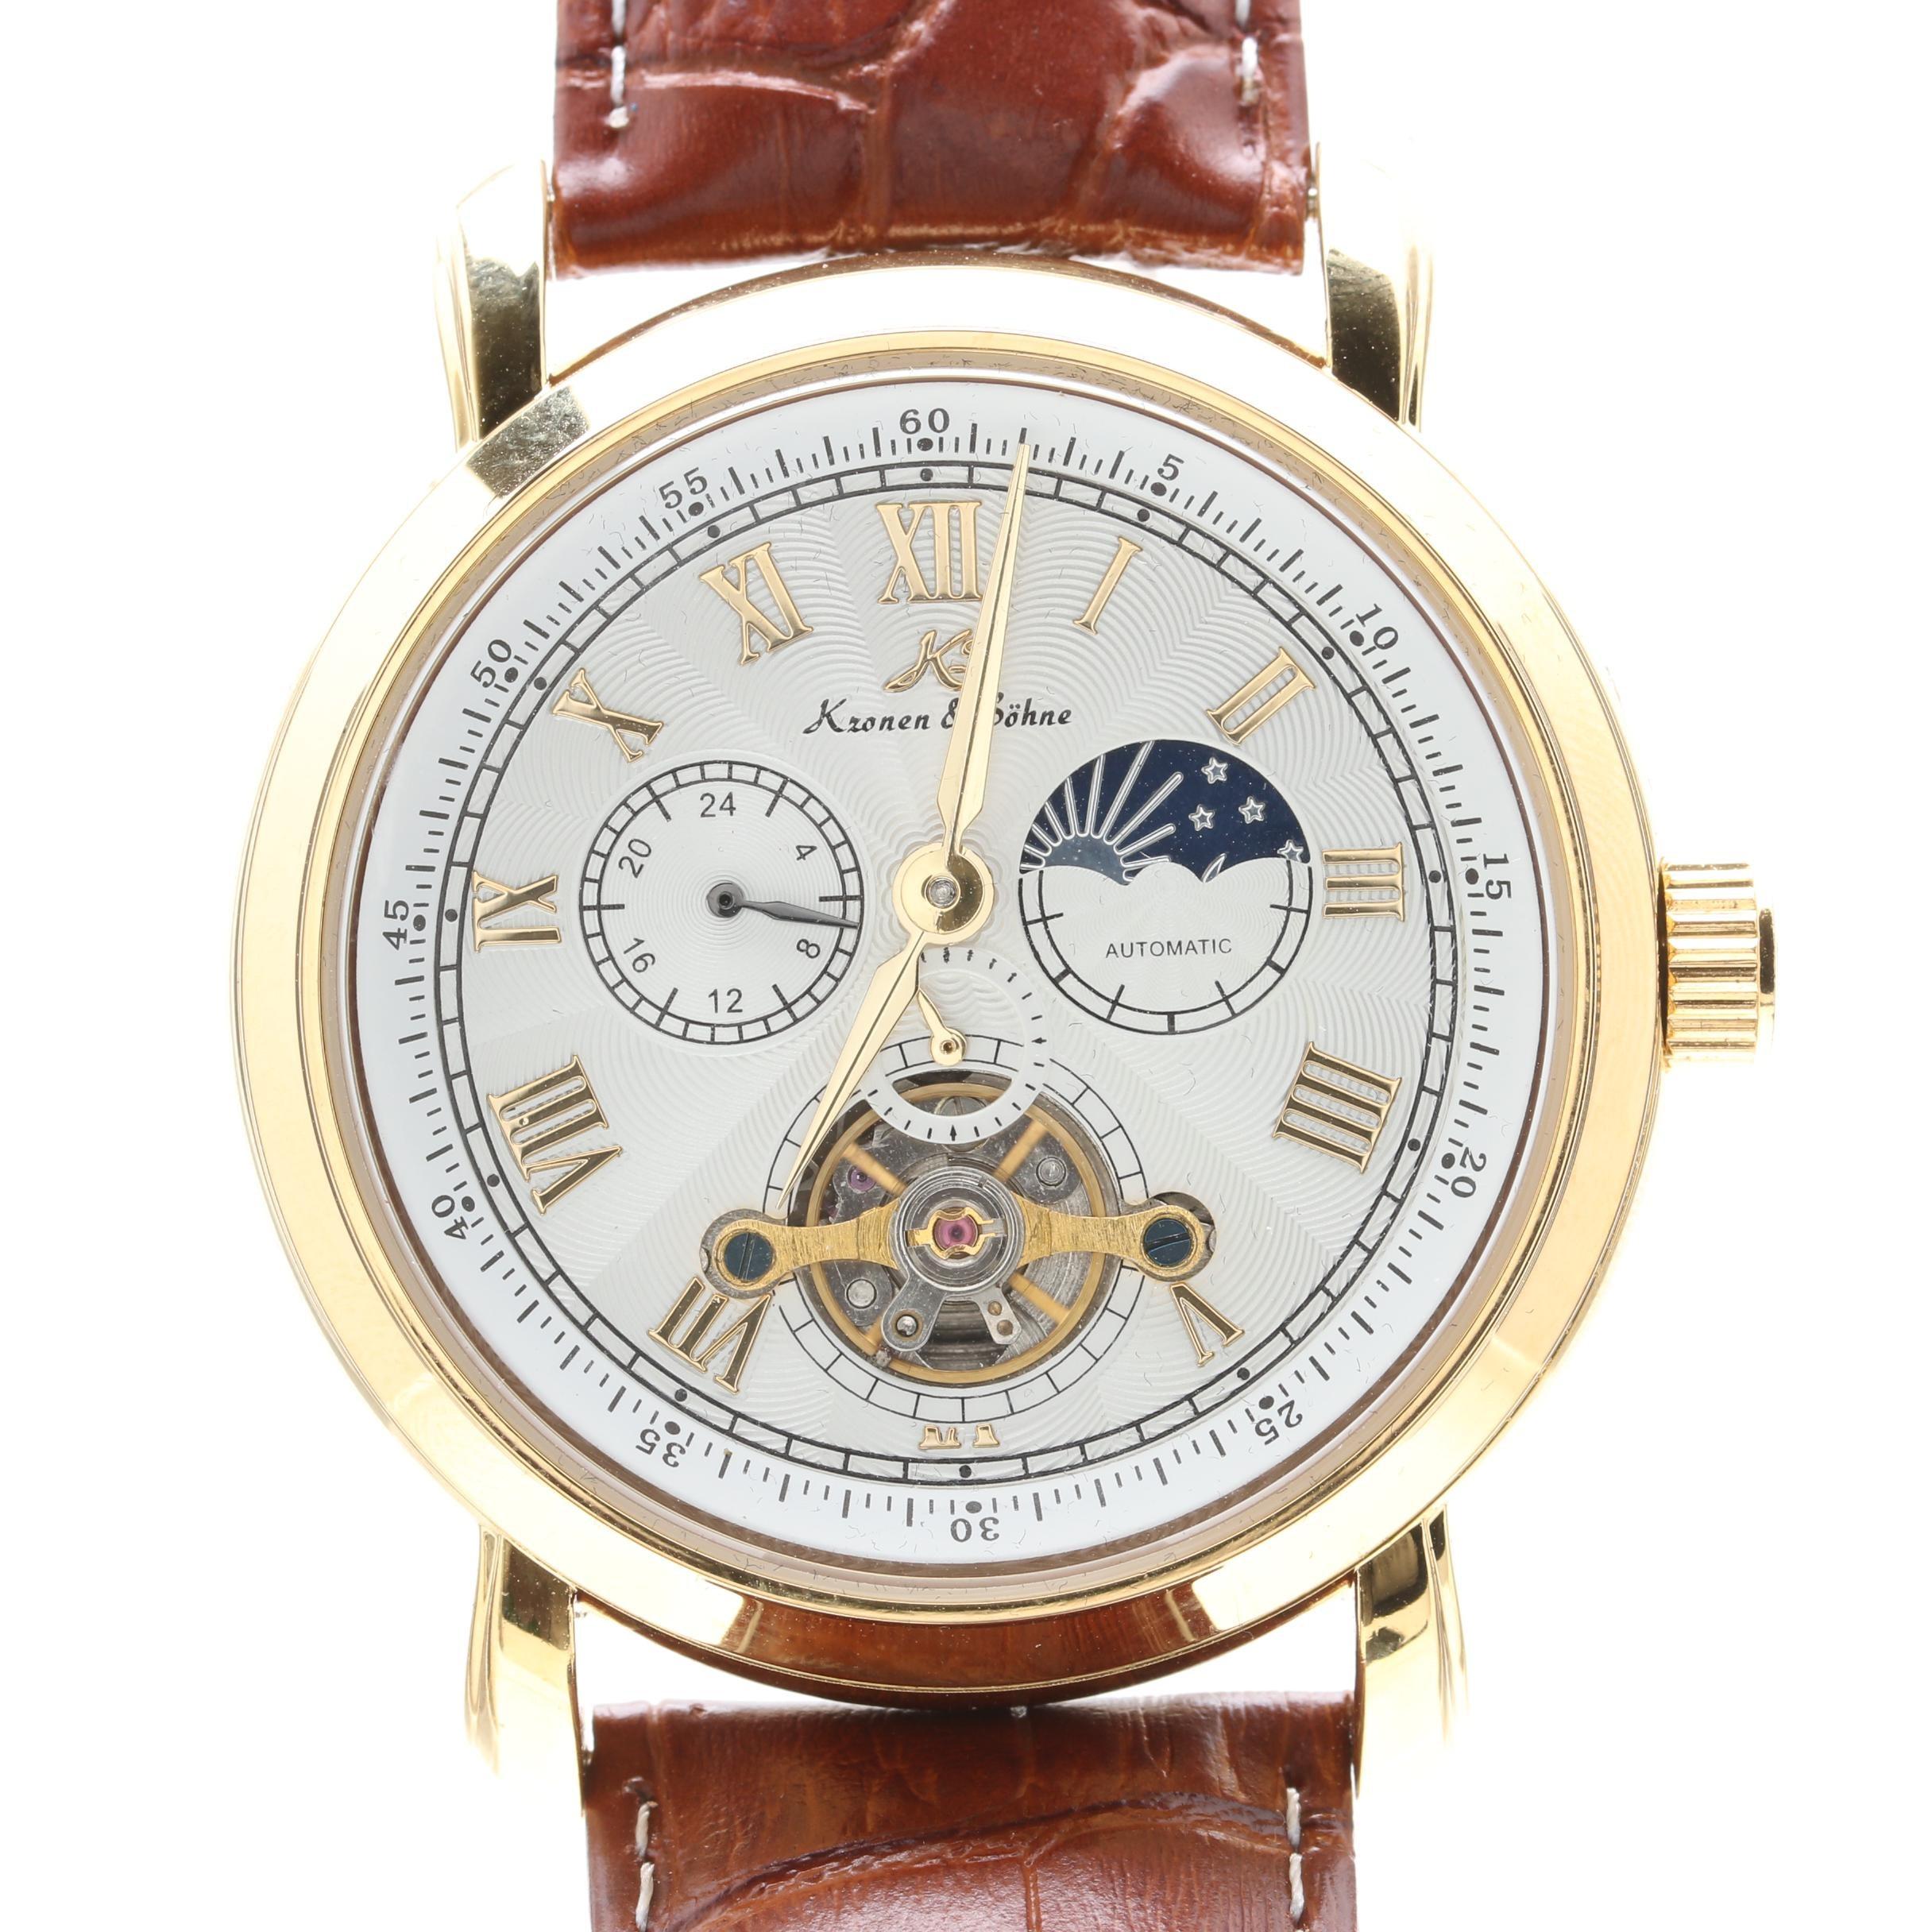 Kronen & Söhne Gold Tone Wristwatch